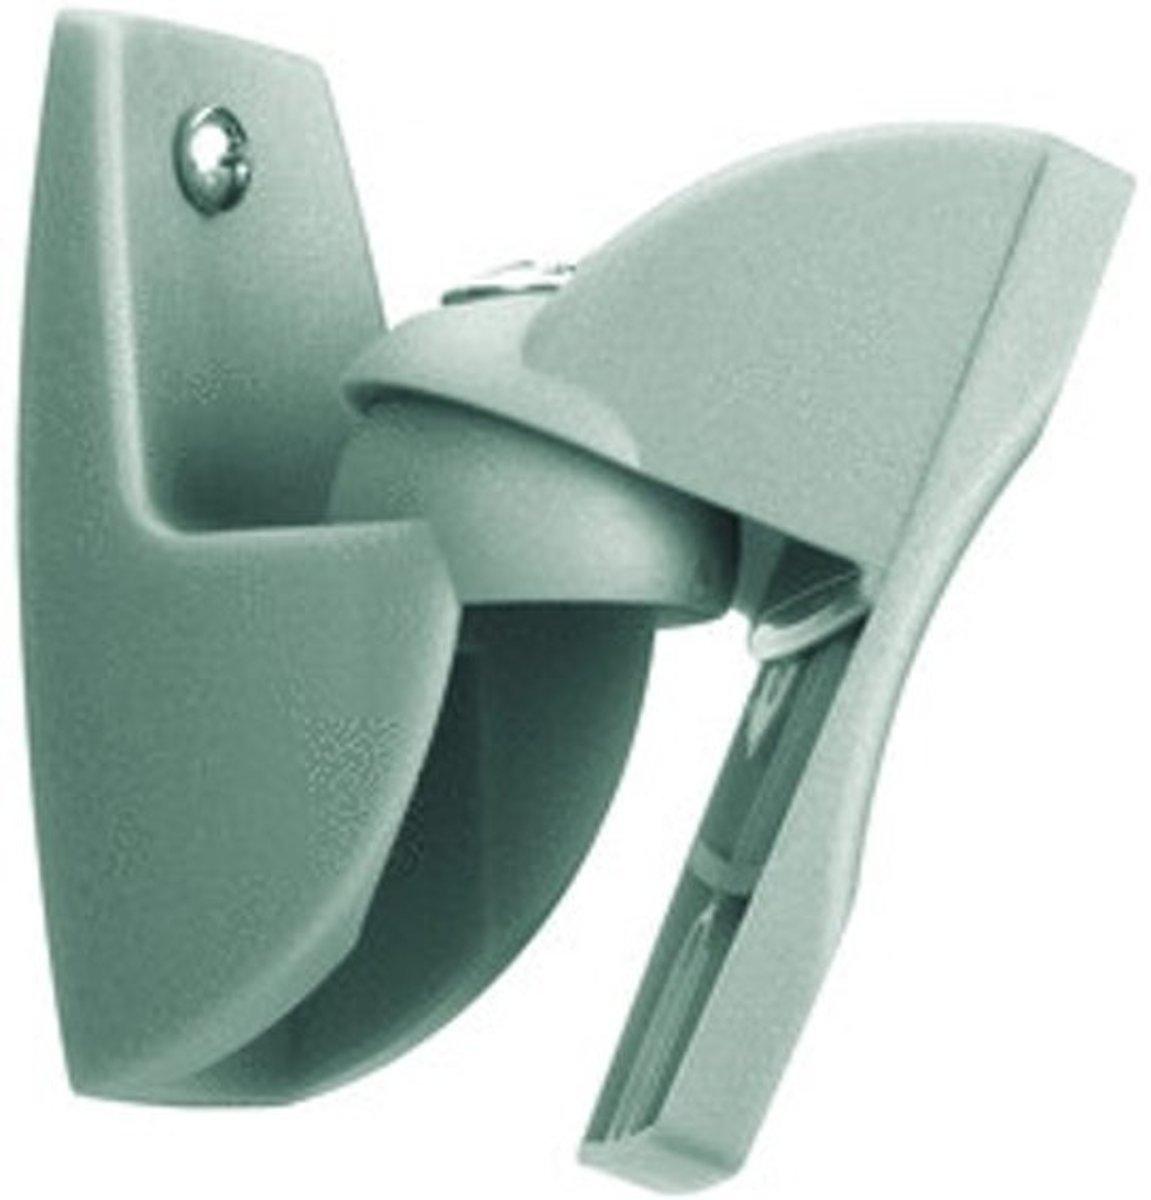 Extreem bol.com   Vogel's VLB 500 - Kantelbare en draaibare speakerbeugels VB67